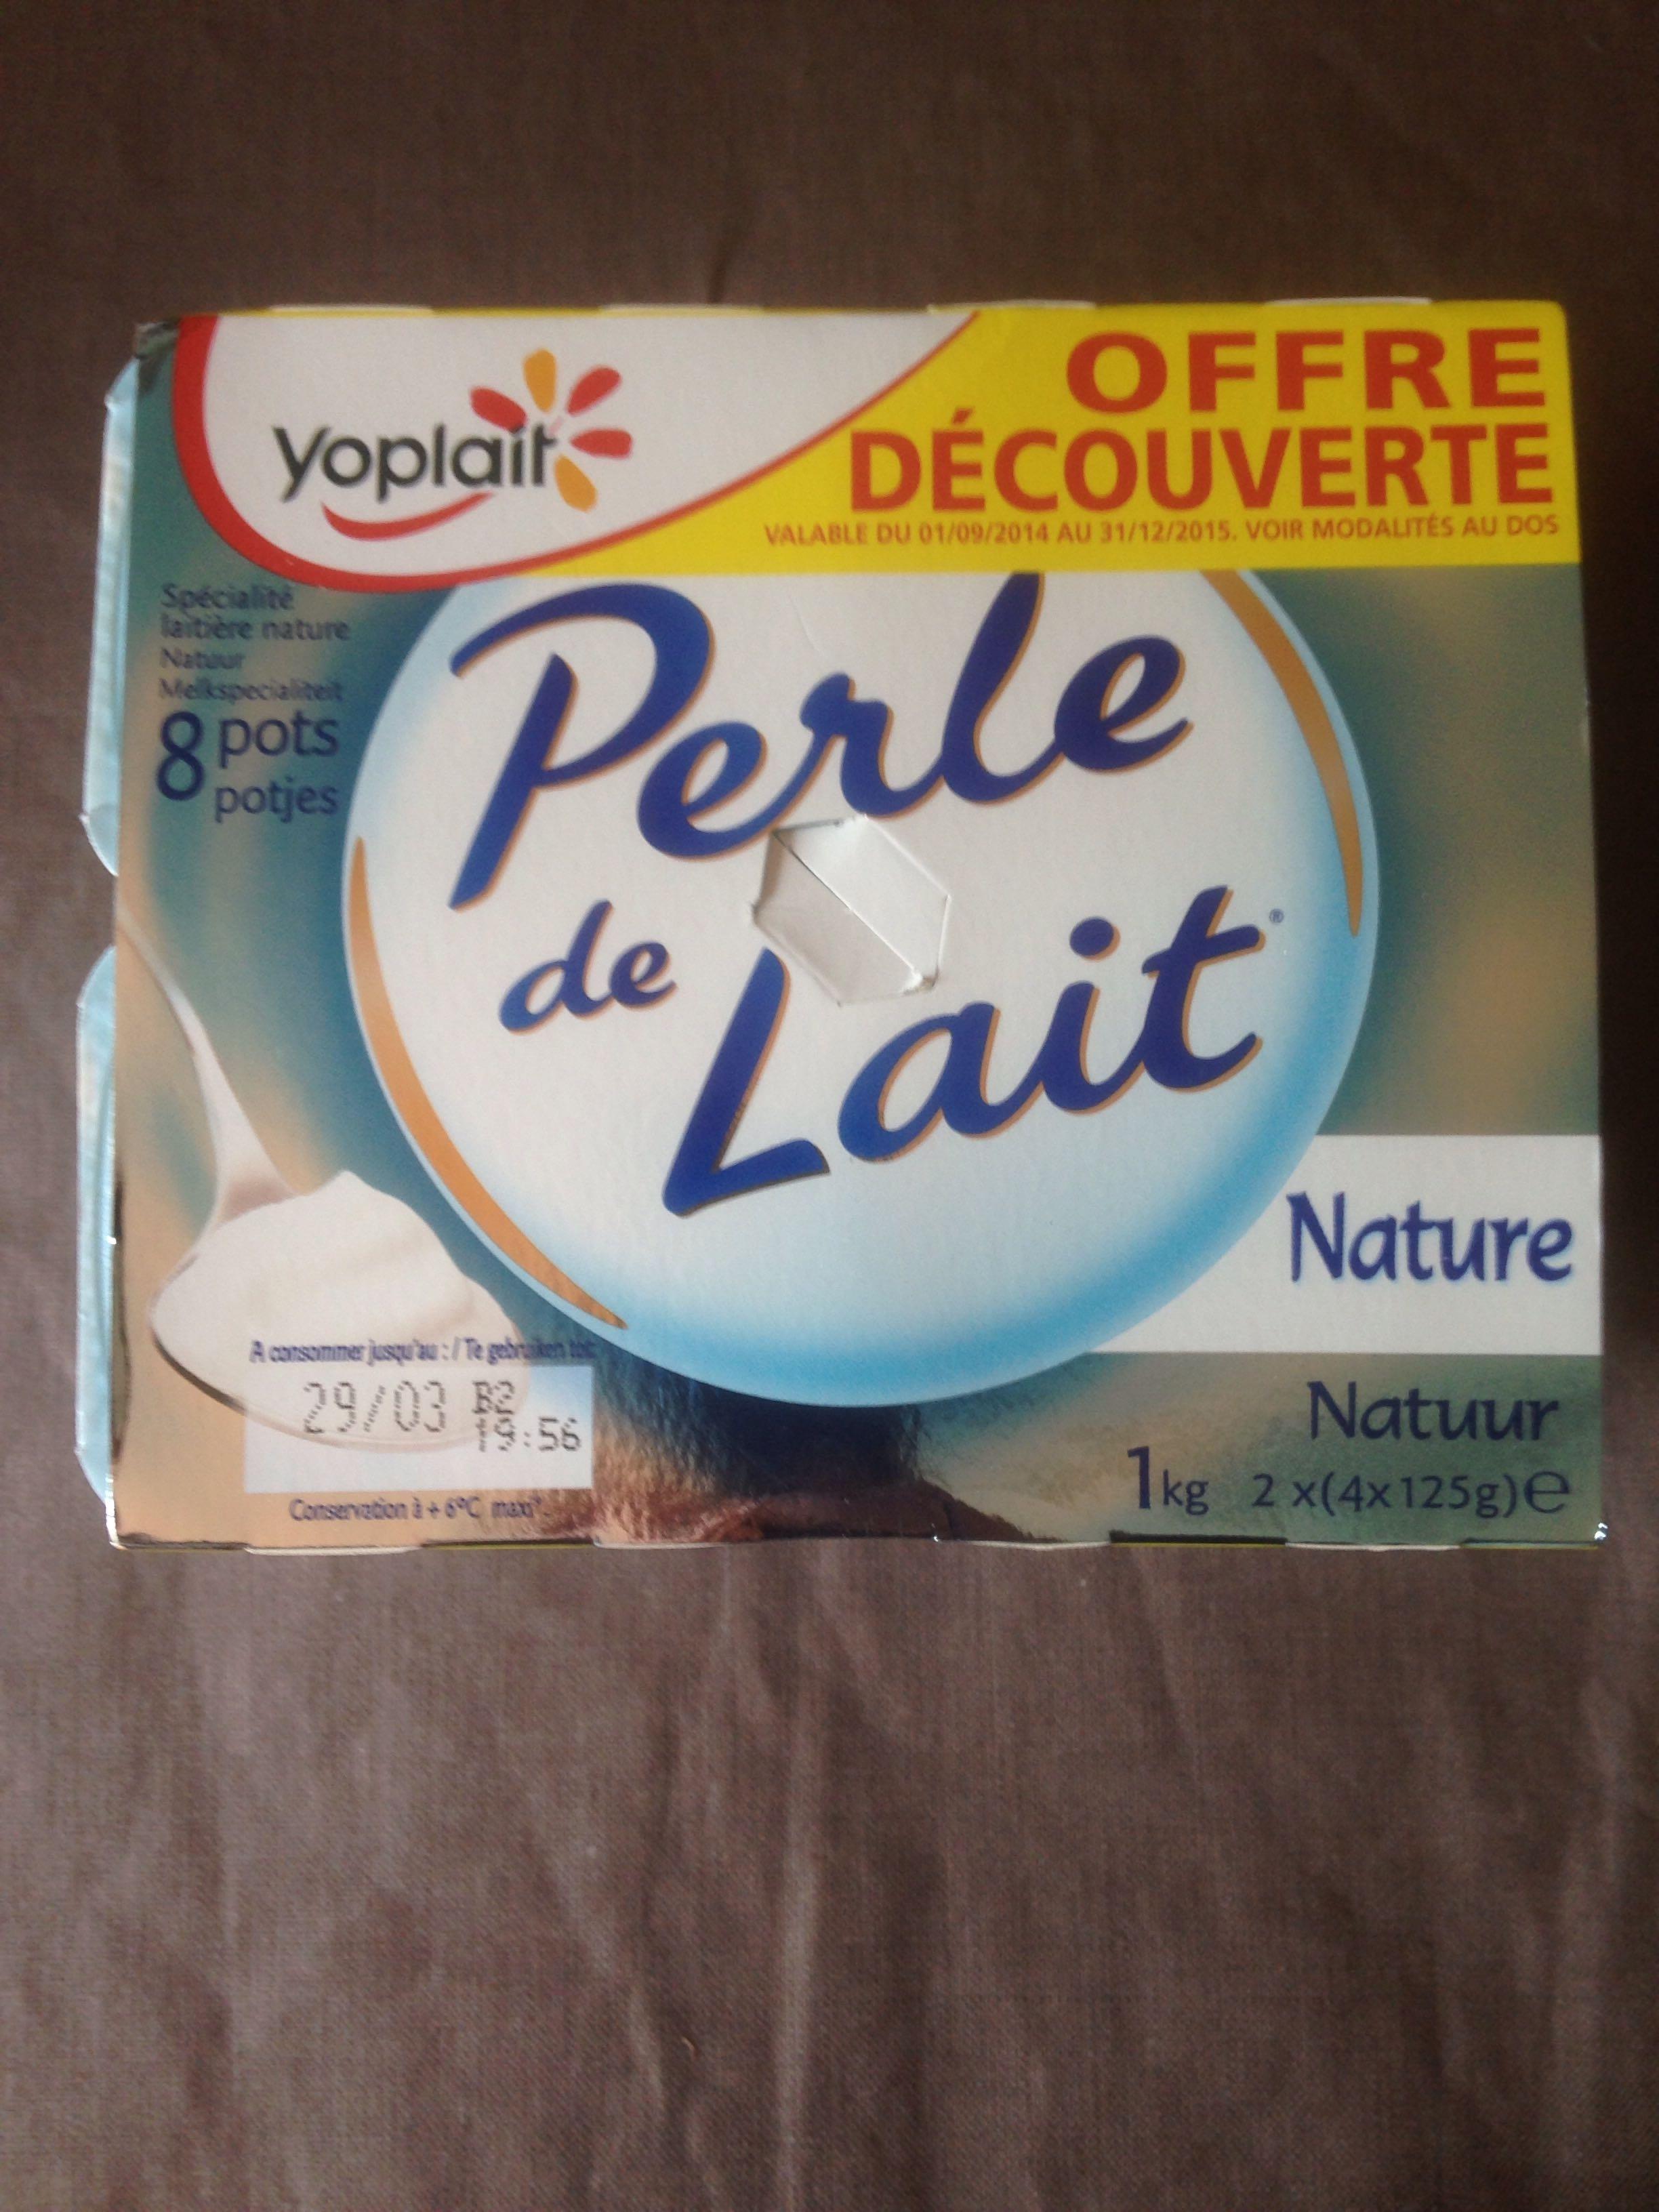 Perle de Lait Nature (8 pots) - Offre Découverte - Produit - fr